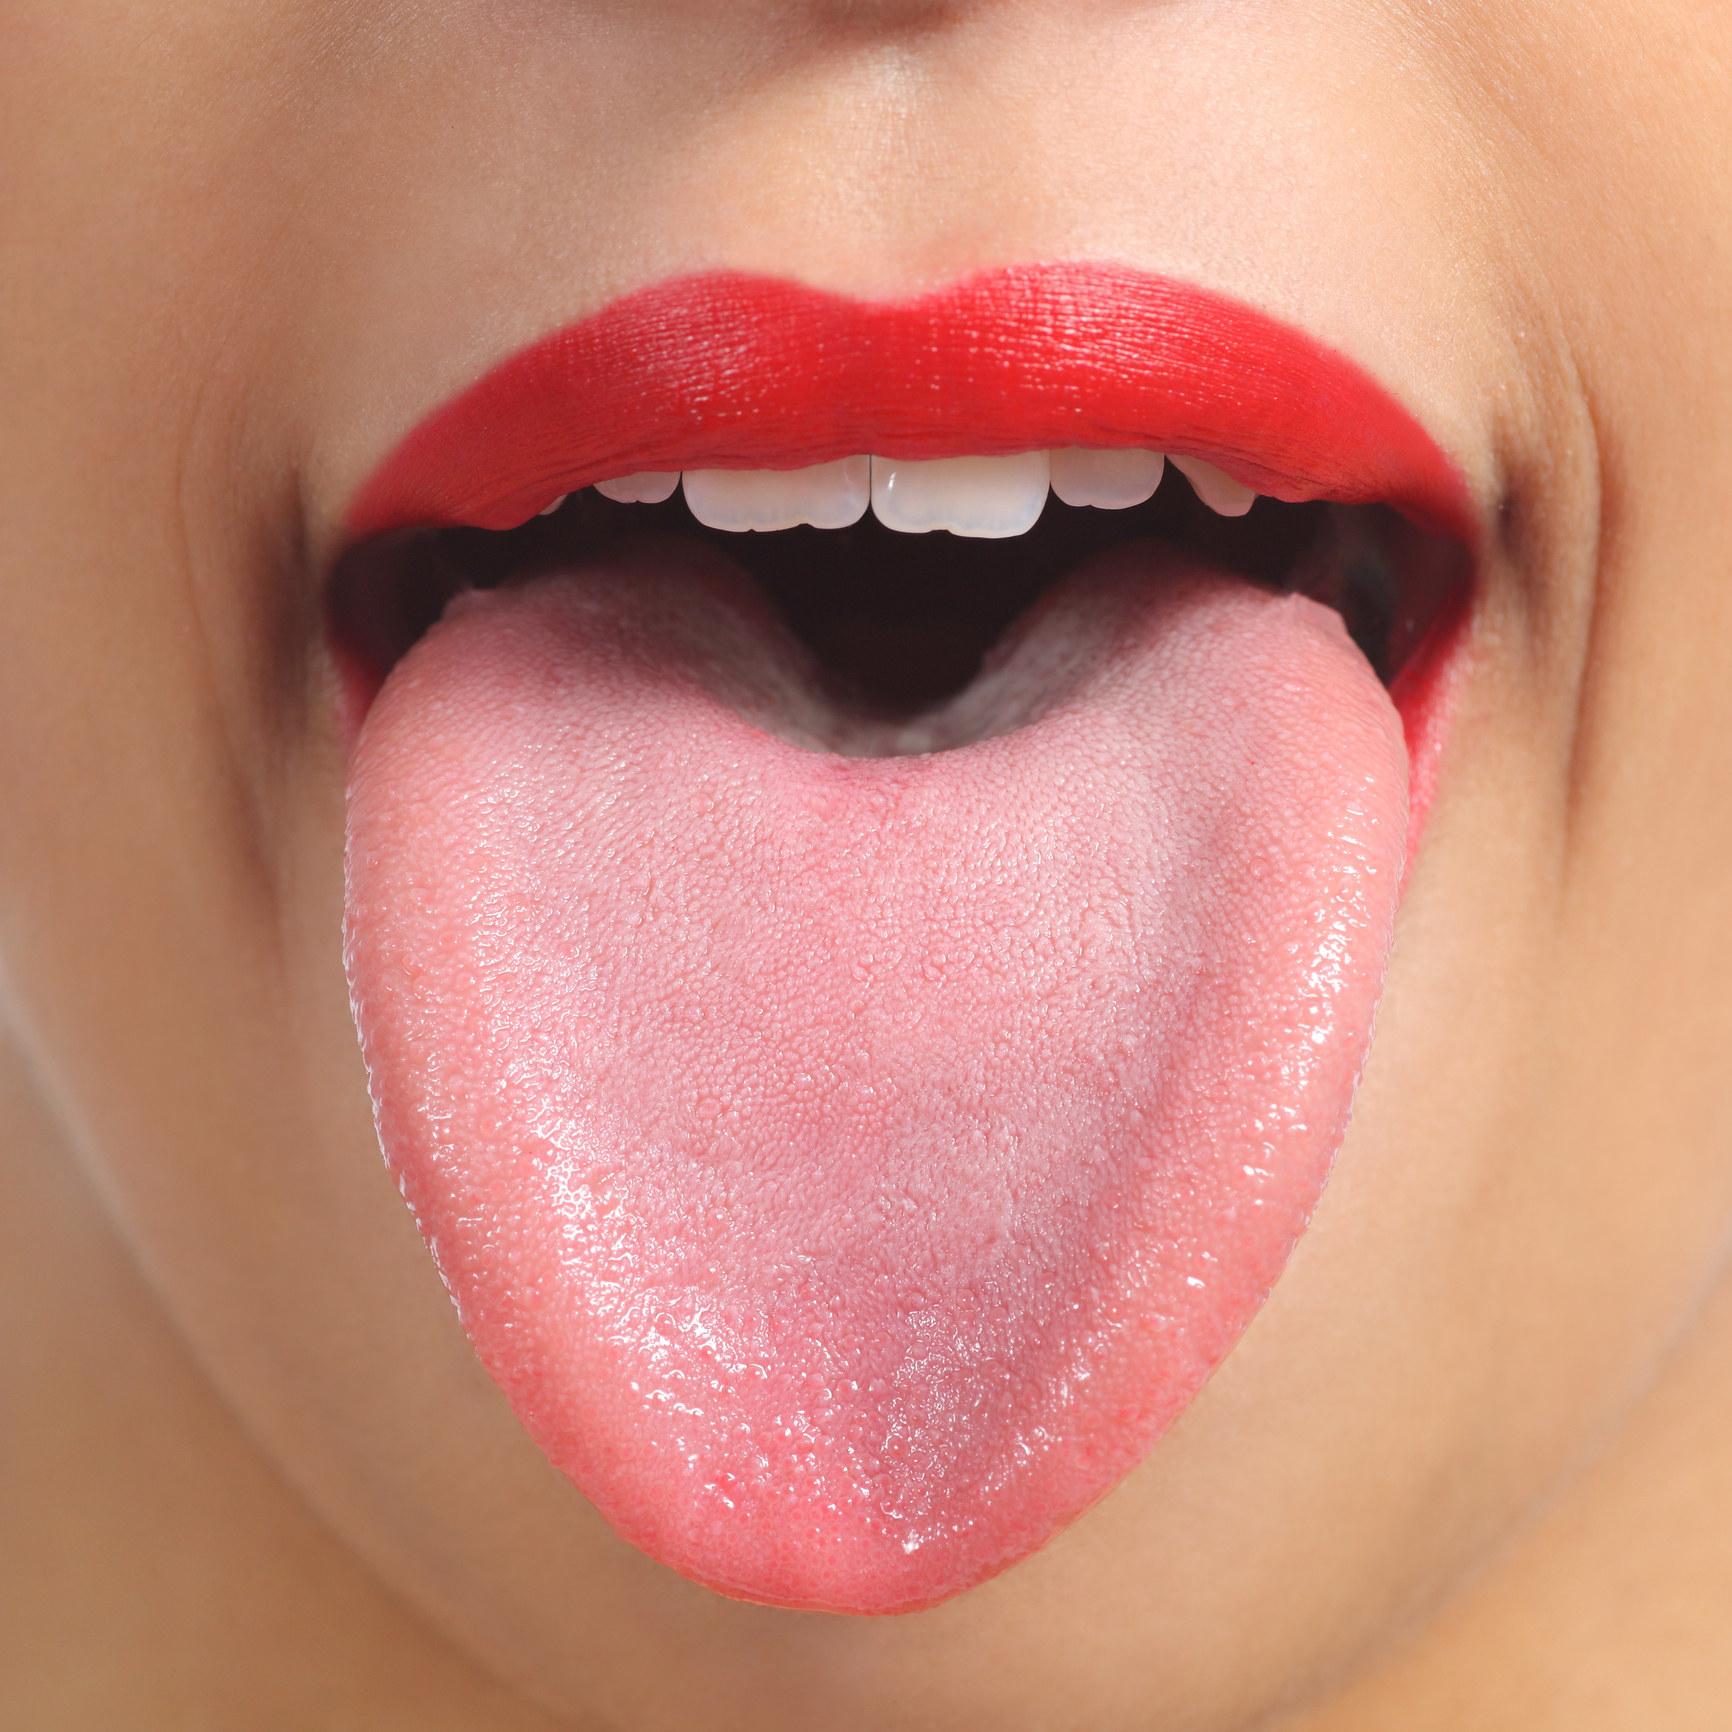 A tongue